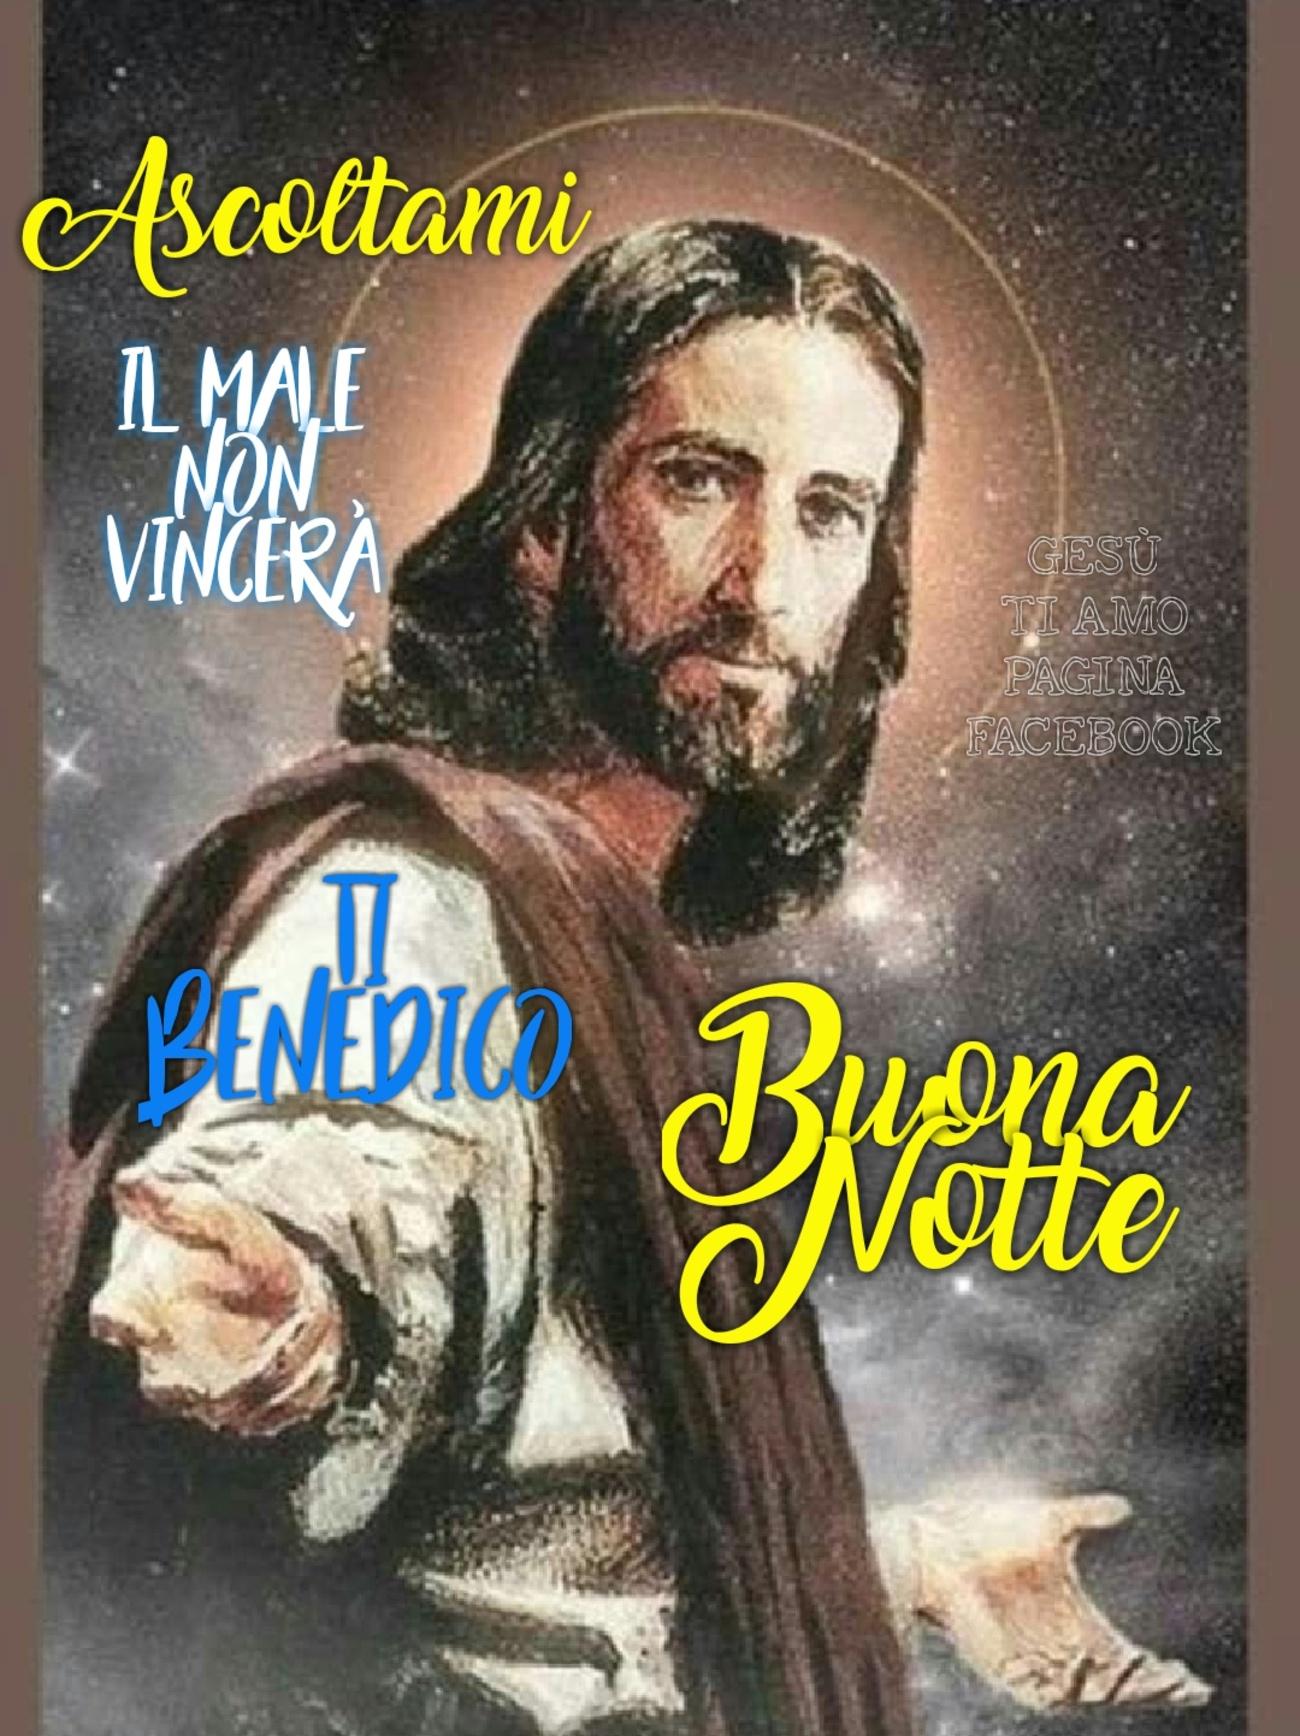 Buonanotte con Gesù immagini nuove (4)